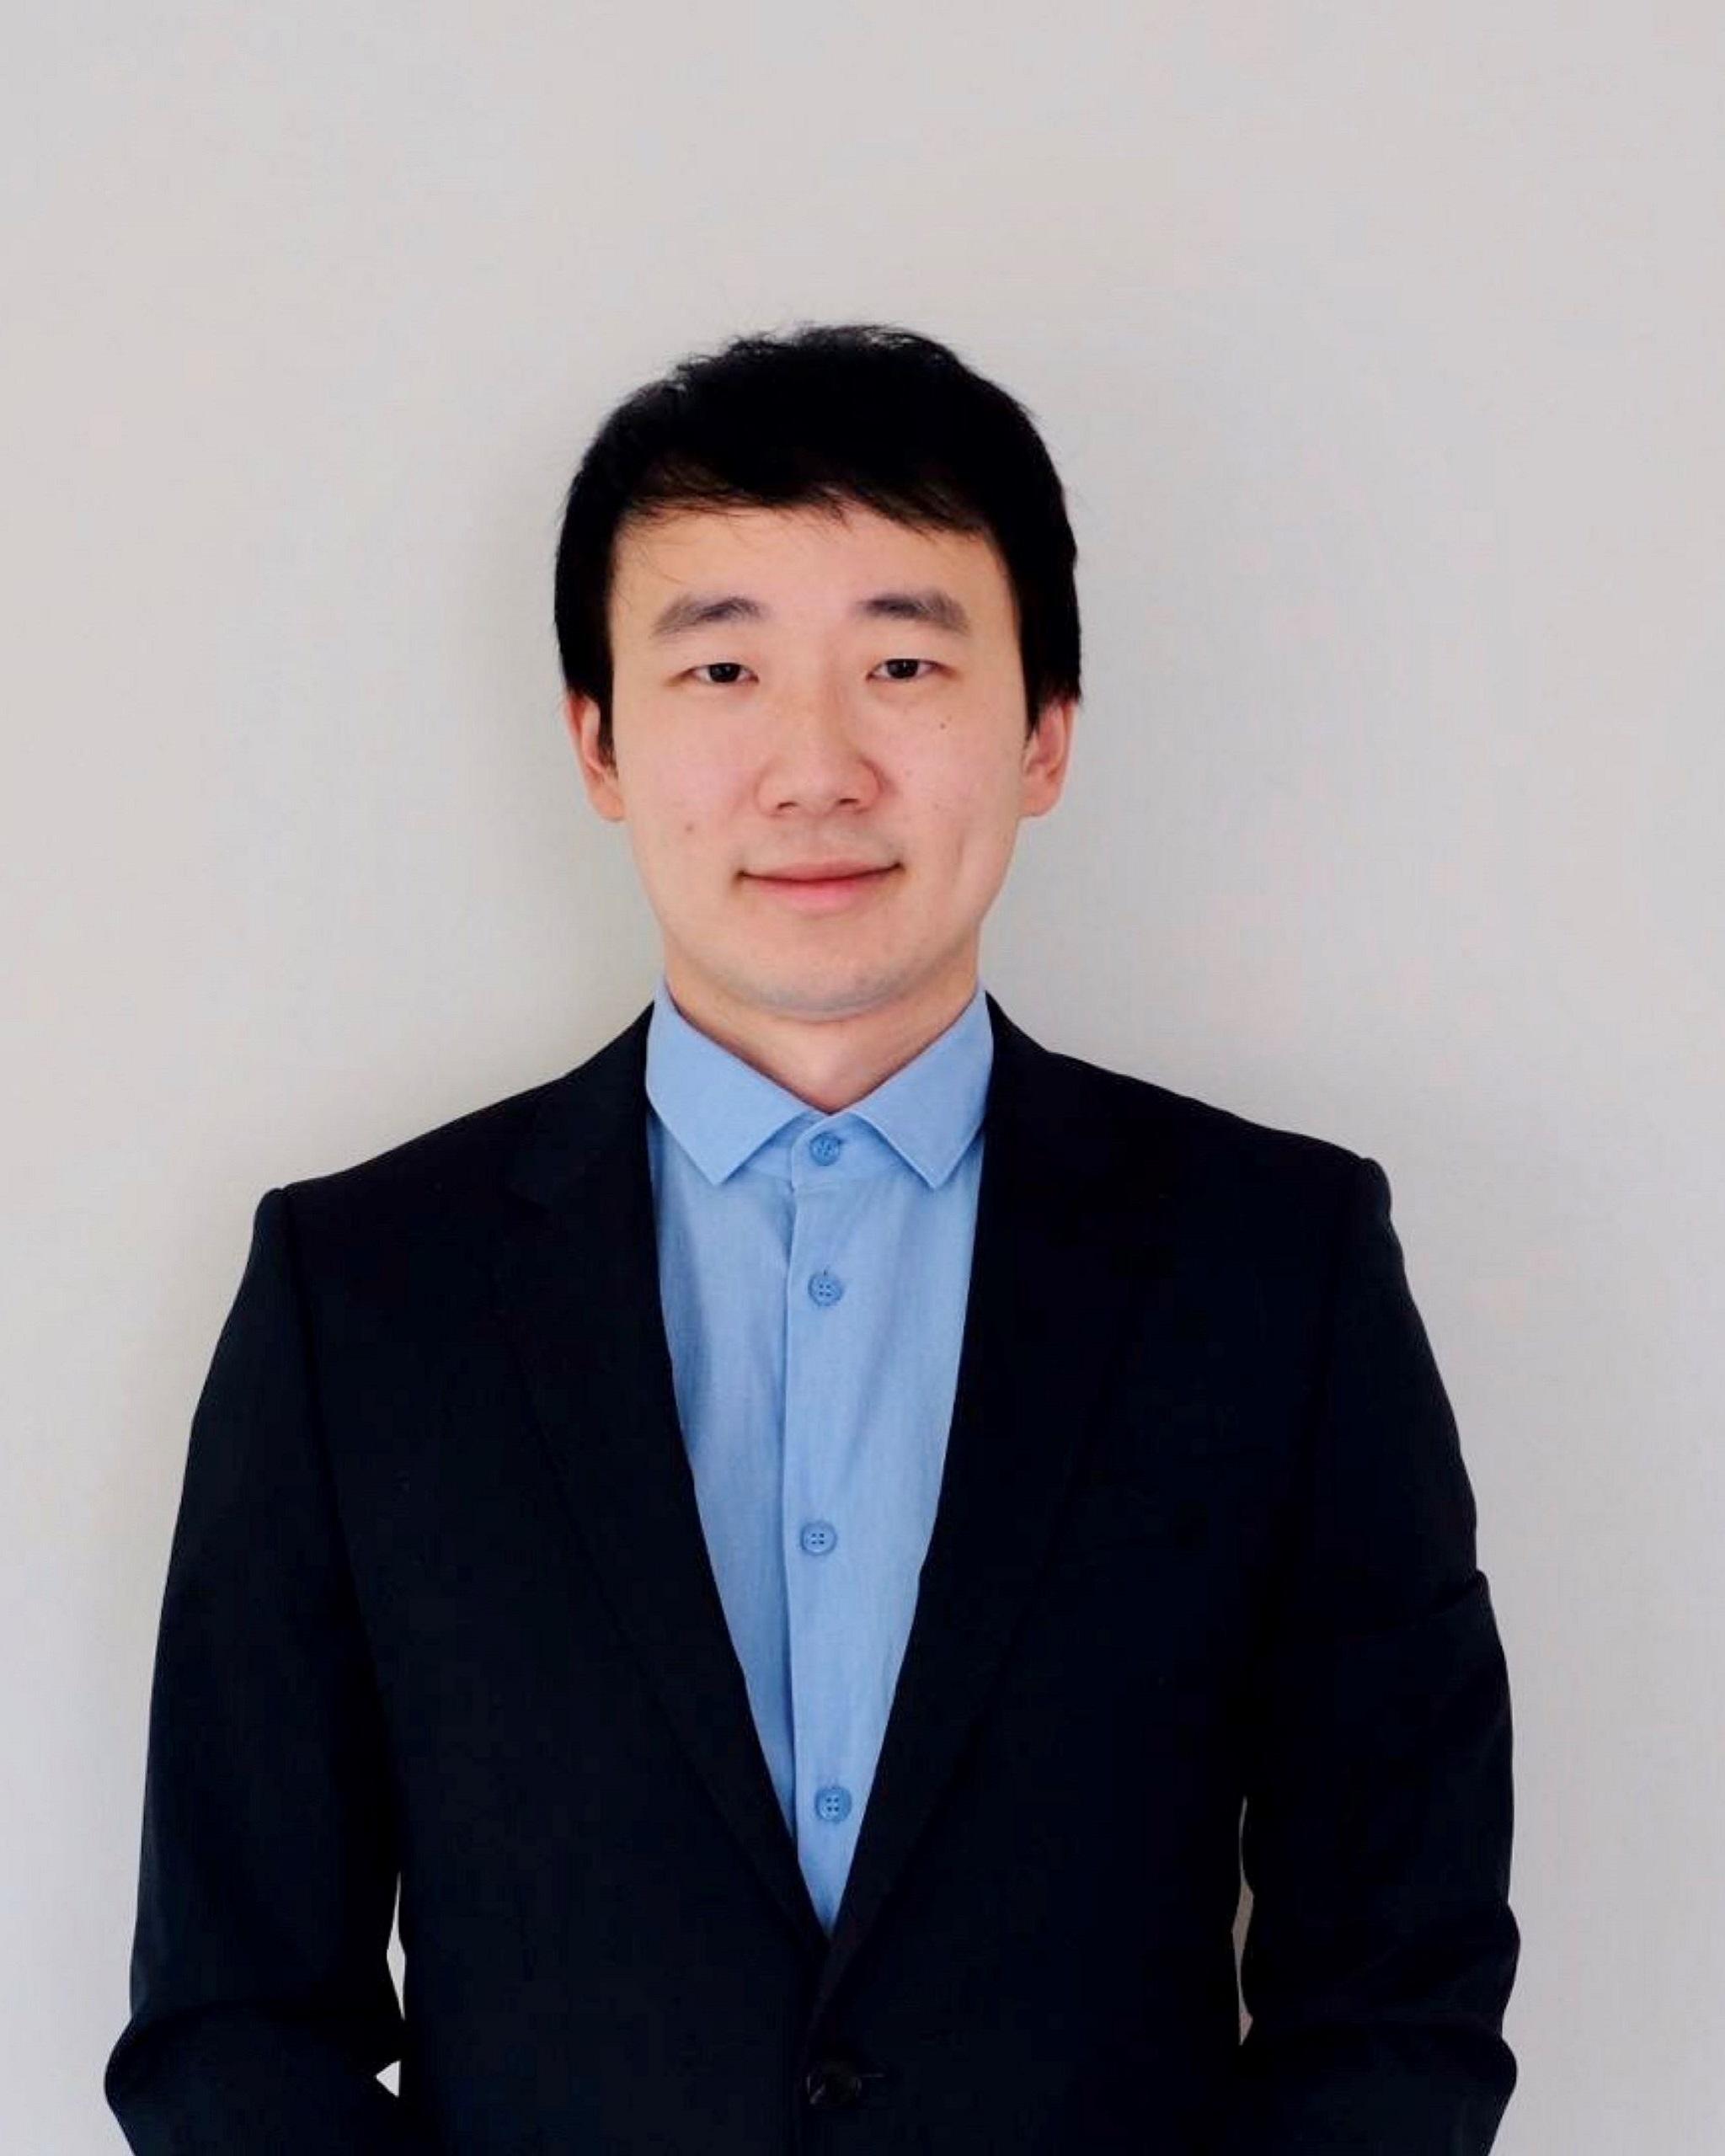 Tianren Zhang